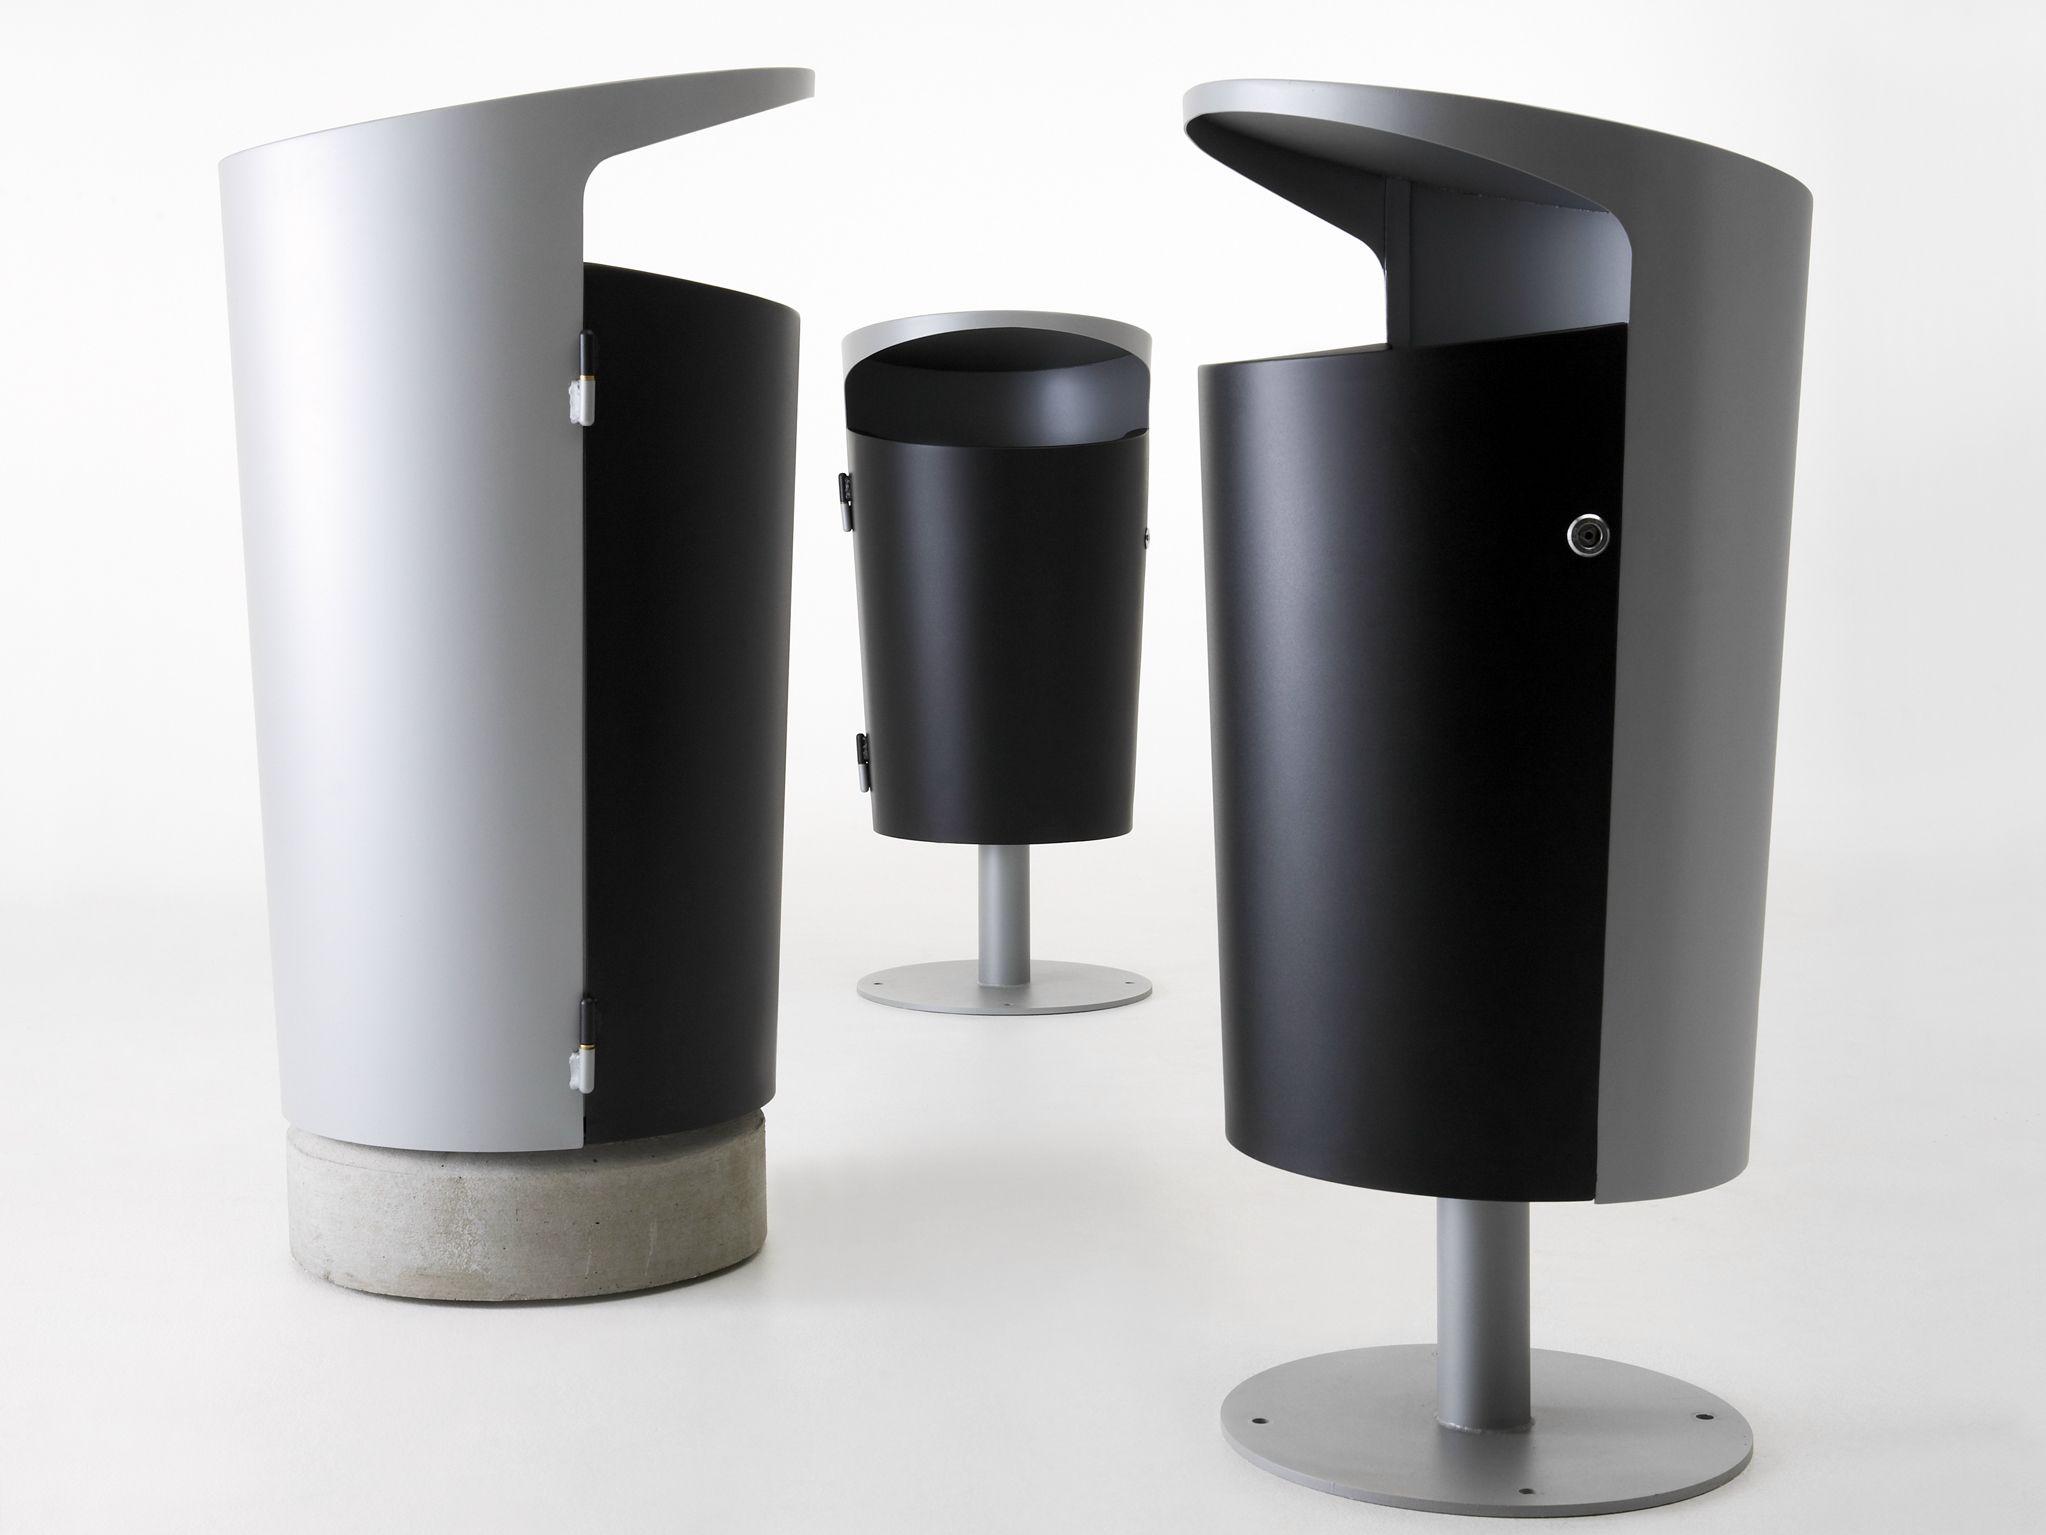 Powder coated steel waste bin elbin by nola industrier - How to decorate a dustbin ...